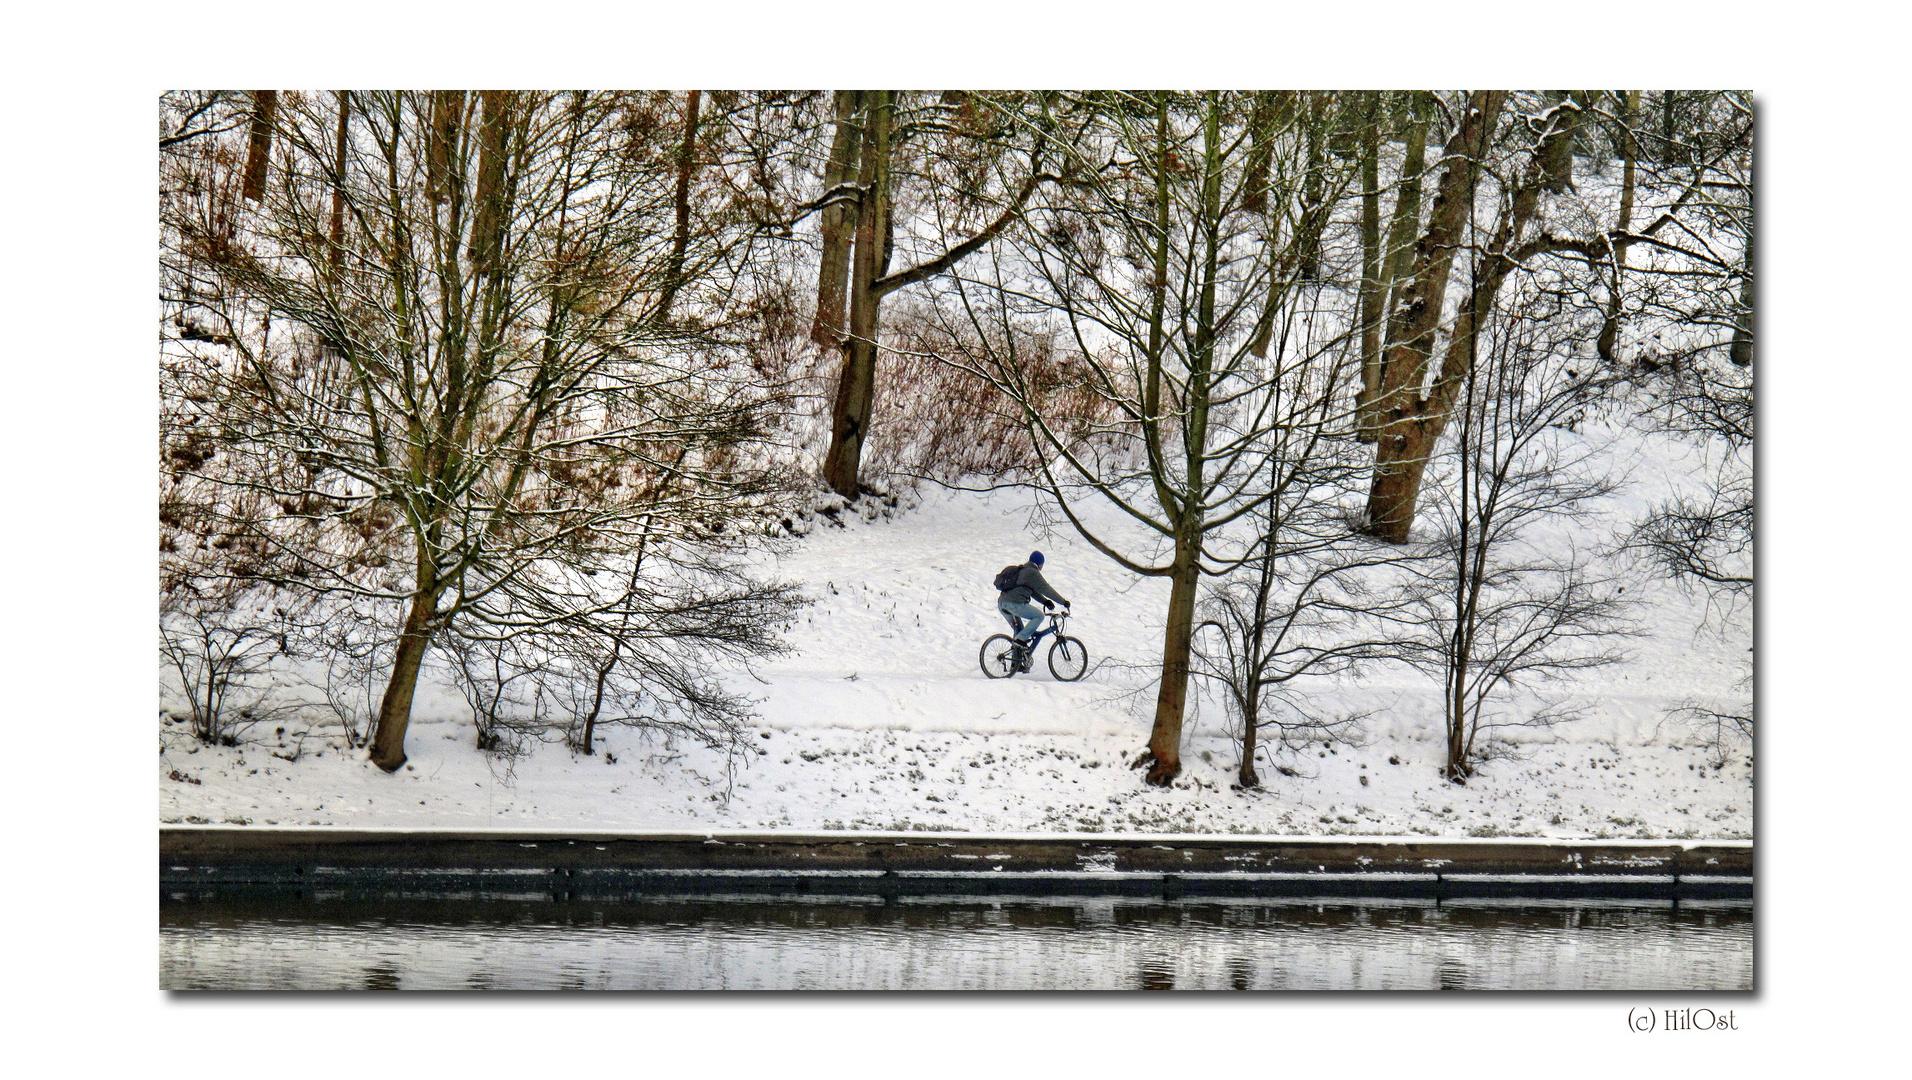 Radtour auf verschneiten Wegen